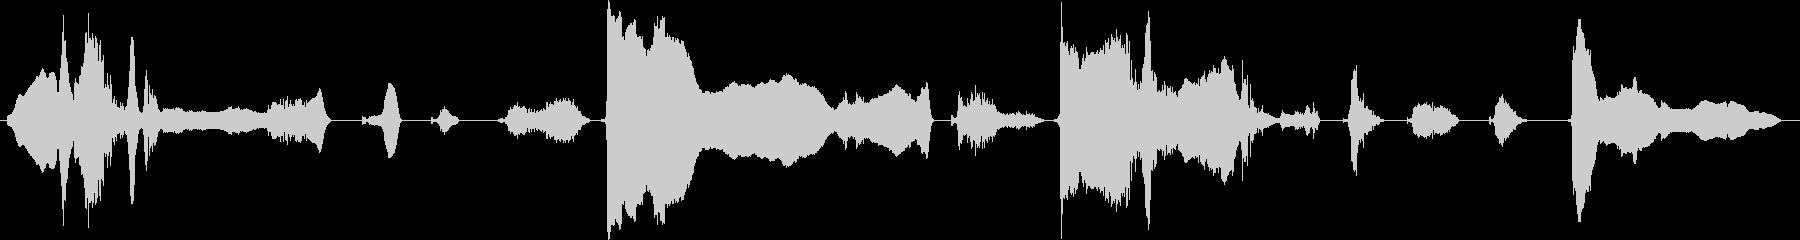 泣き2【声を上げて泣く】の未再生の波形